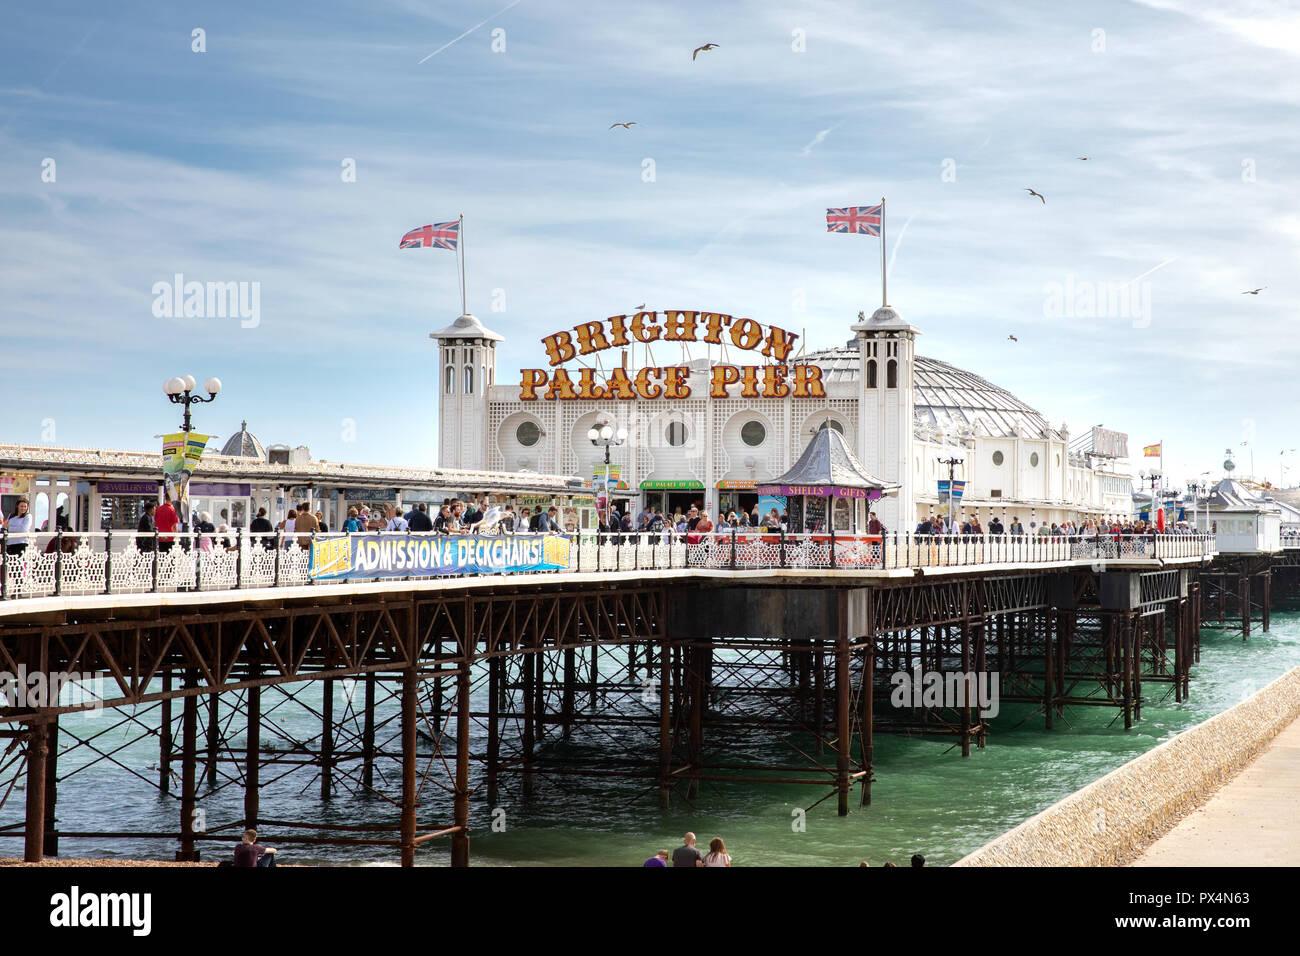 Brighton Palace Pier, Brighton, Uk - Stock Image